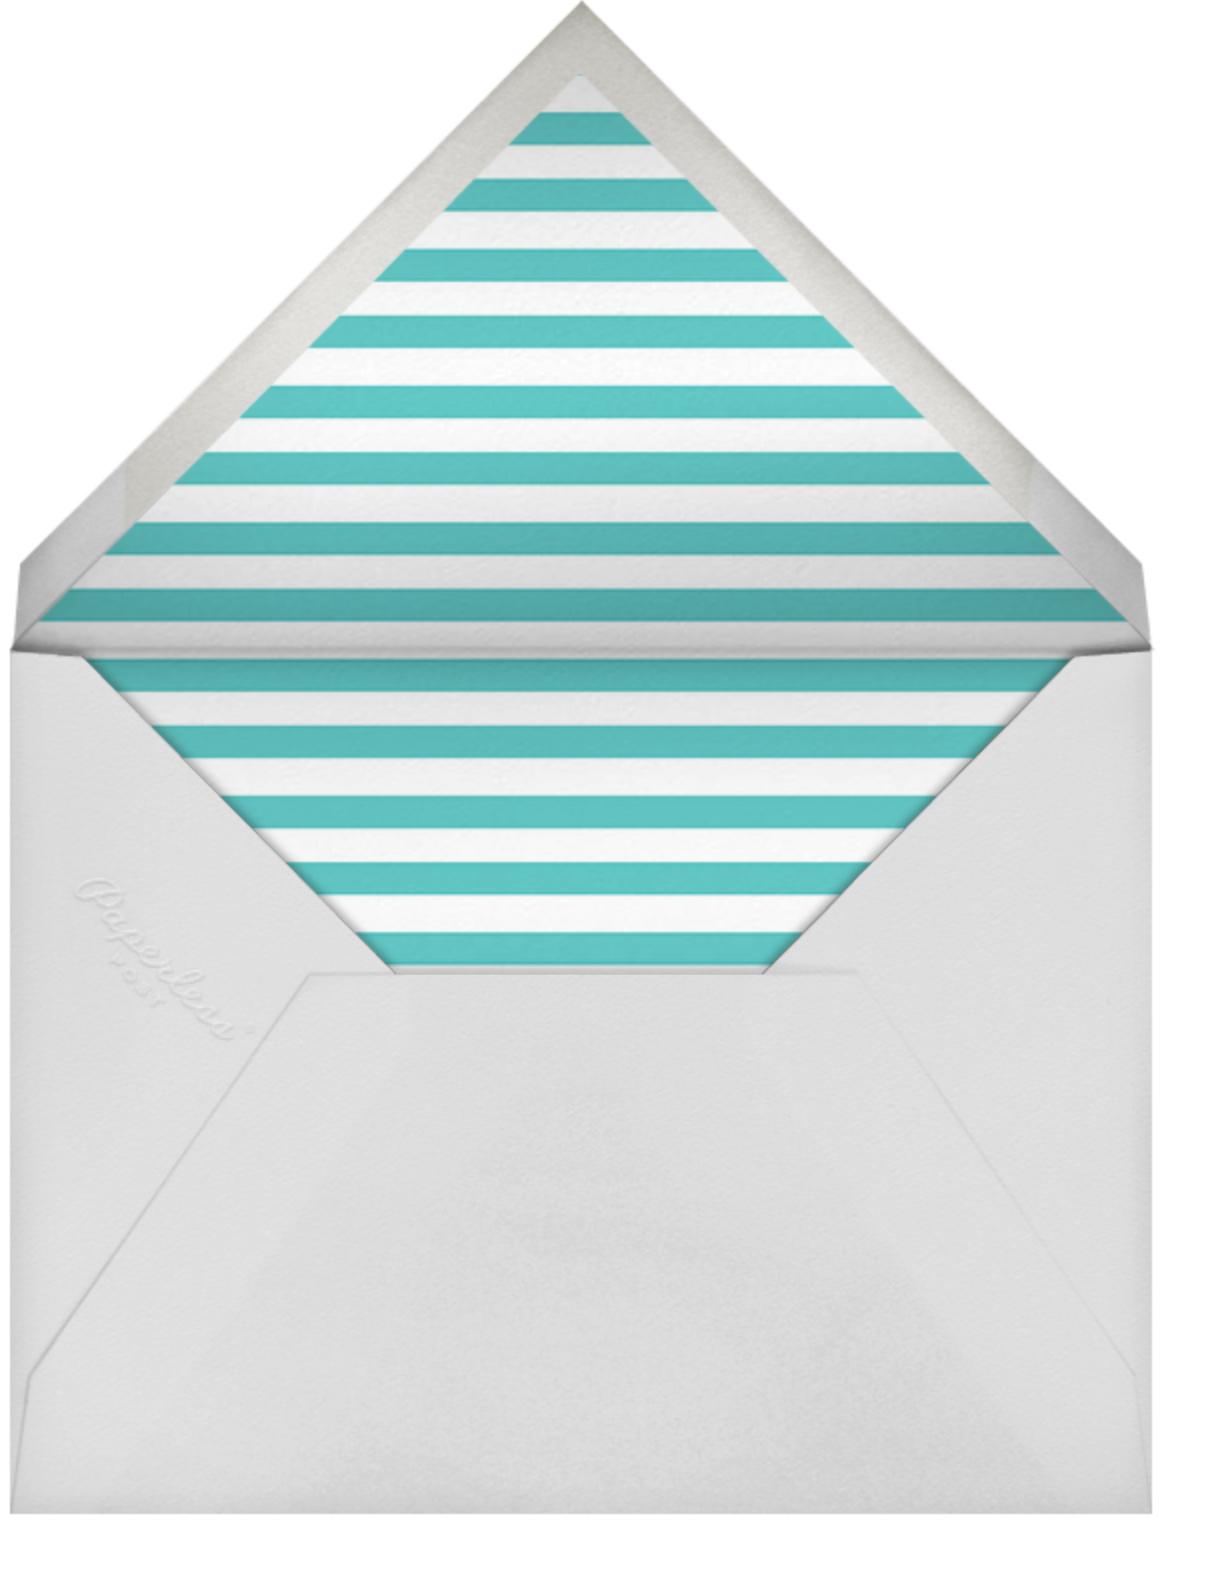 Evergreen Stripes - Green/Blue - kate spade new york - Summer entertaining - envelope back